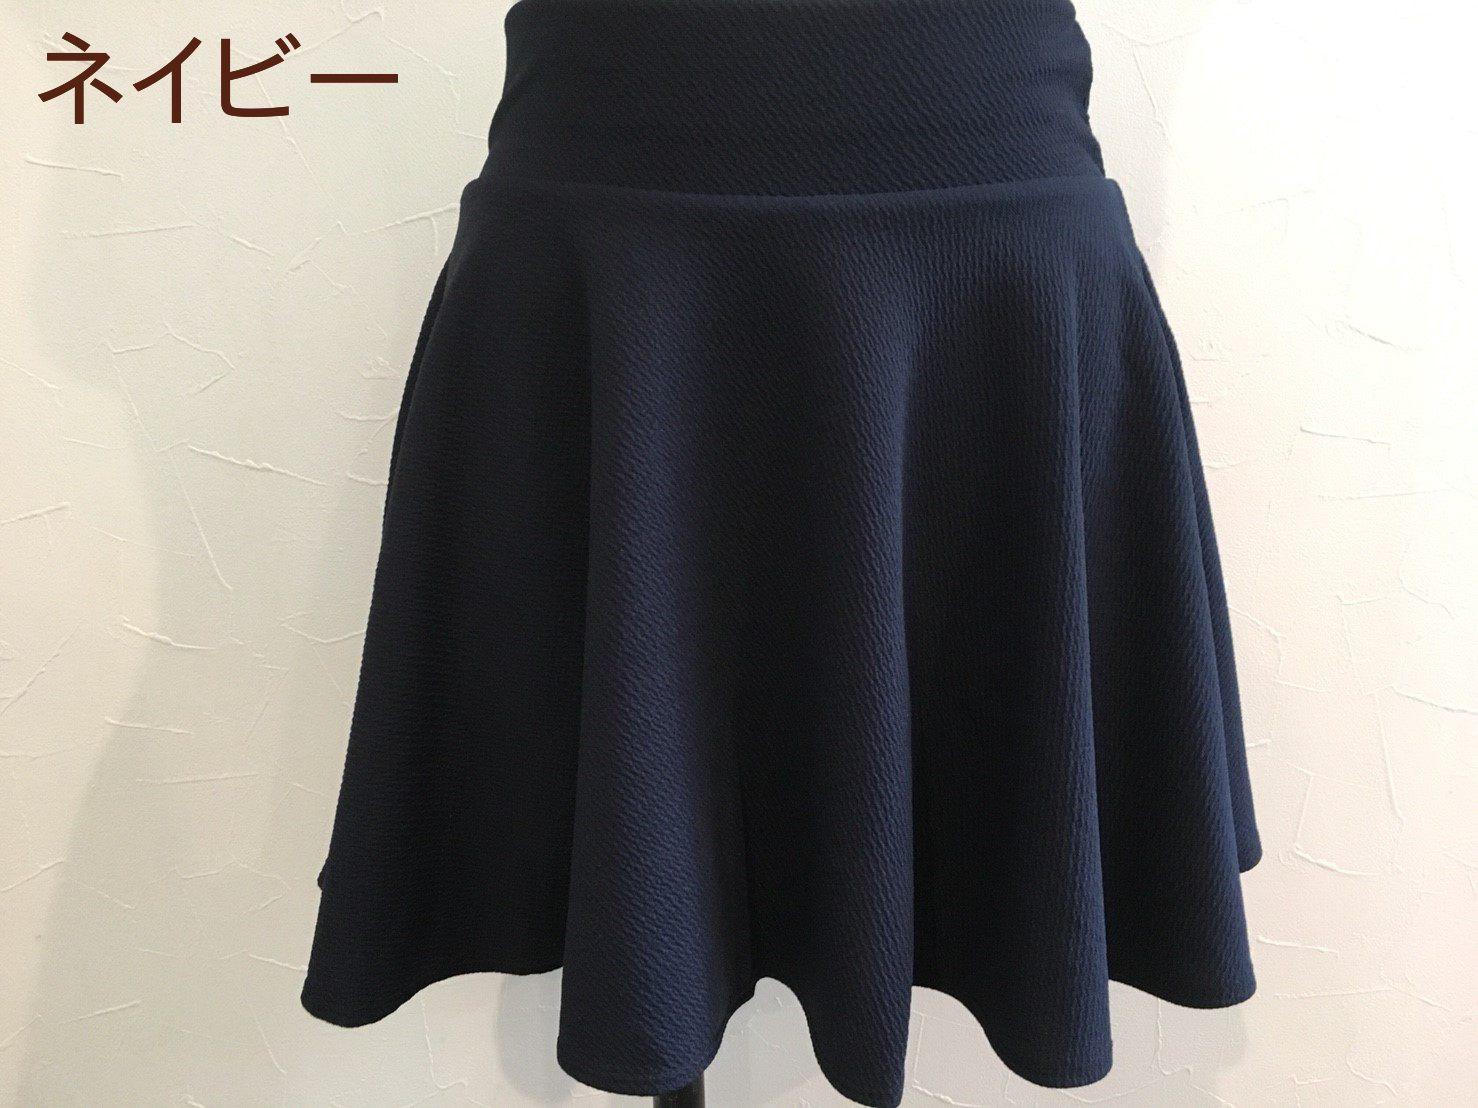 【在庫あり】サーキュラーフレアスカート インナーパンツ付き